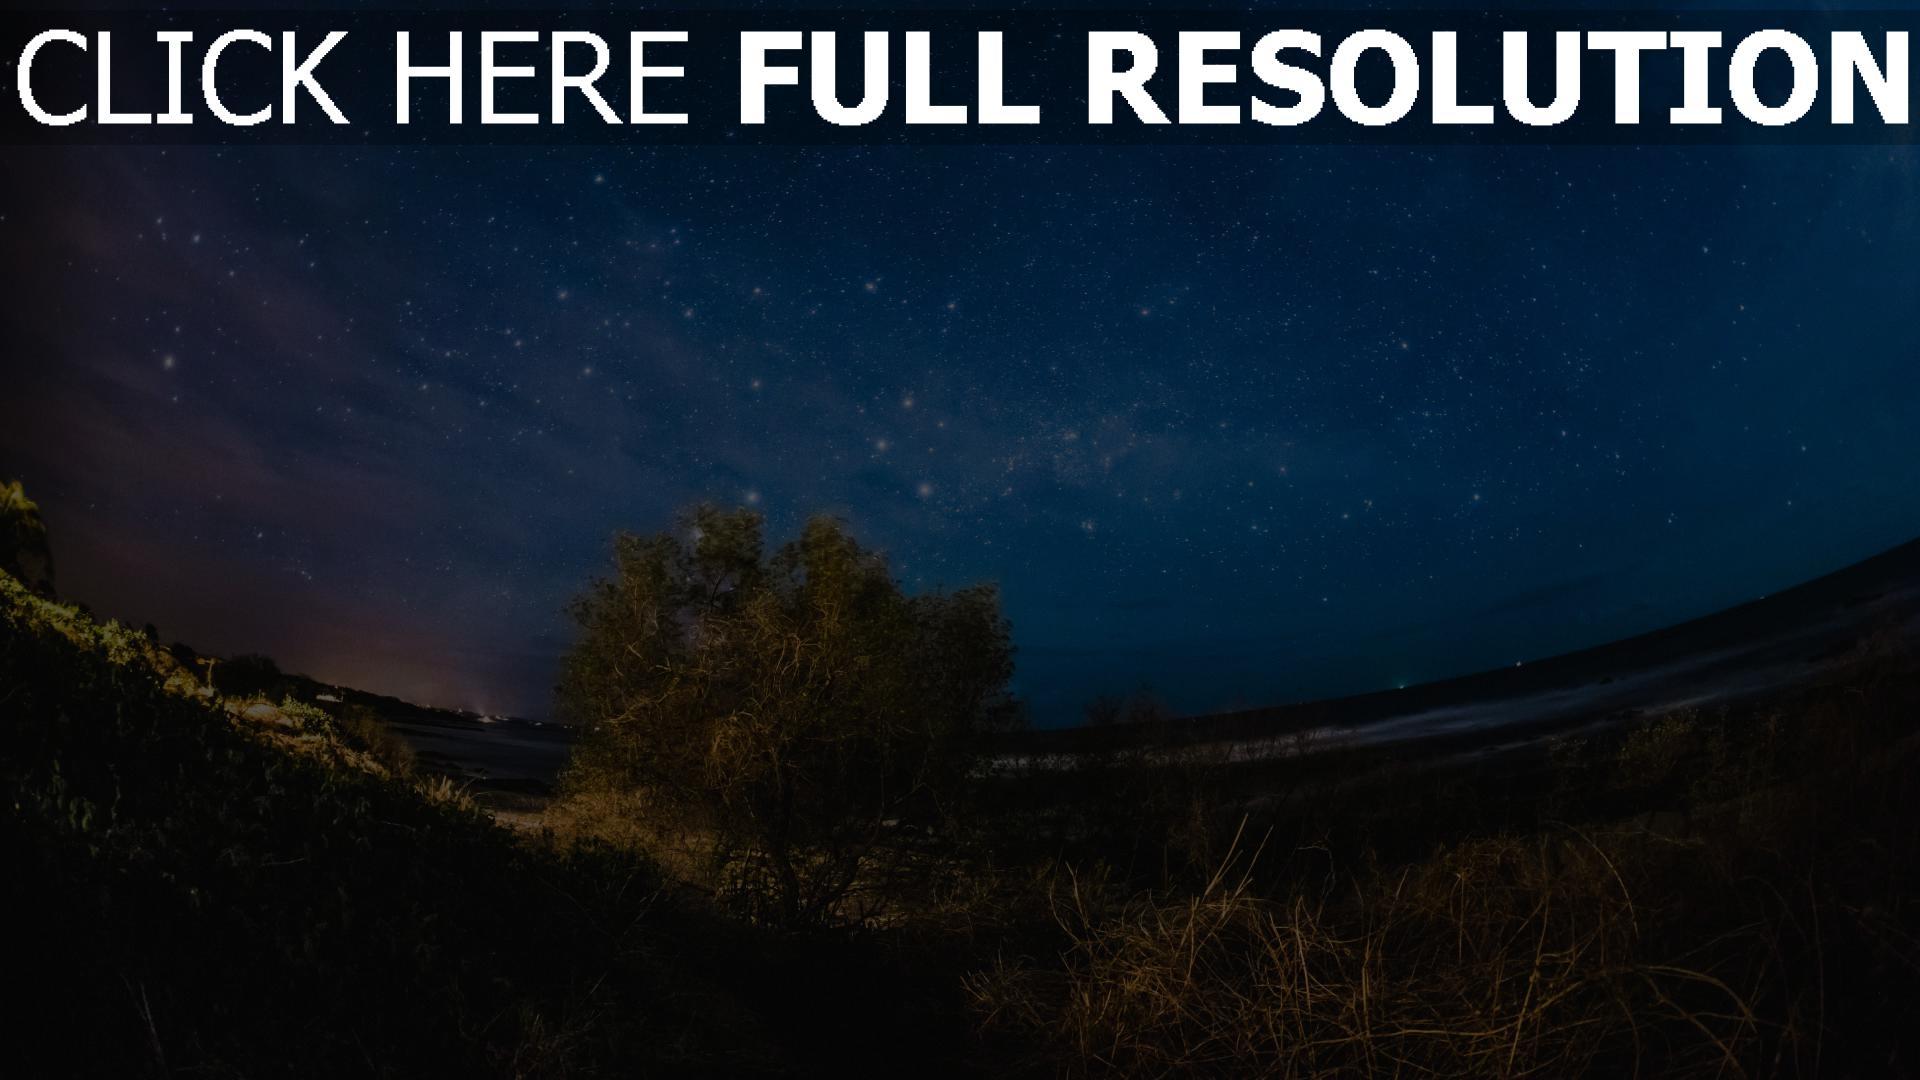 hd hintergrundbilder nacht baum sternenhimmel 1920x1080